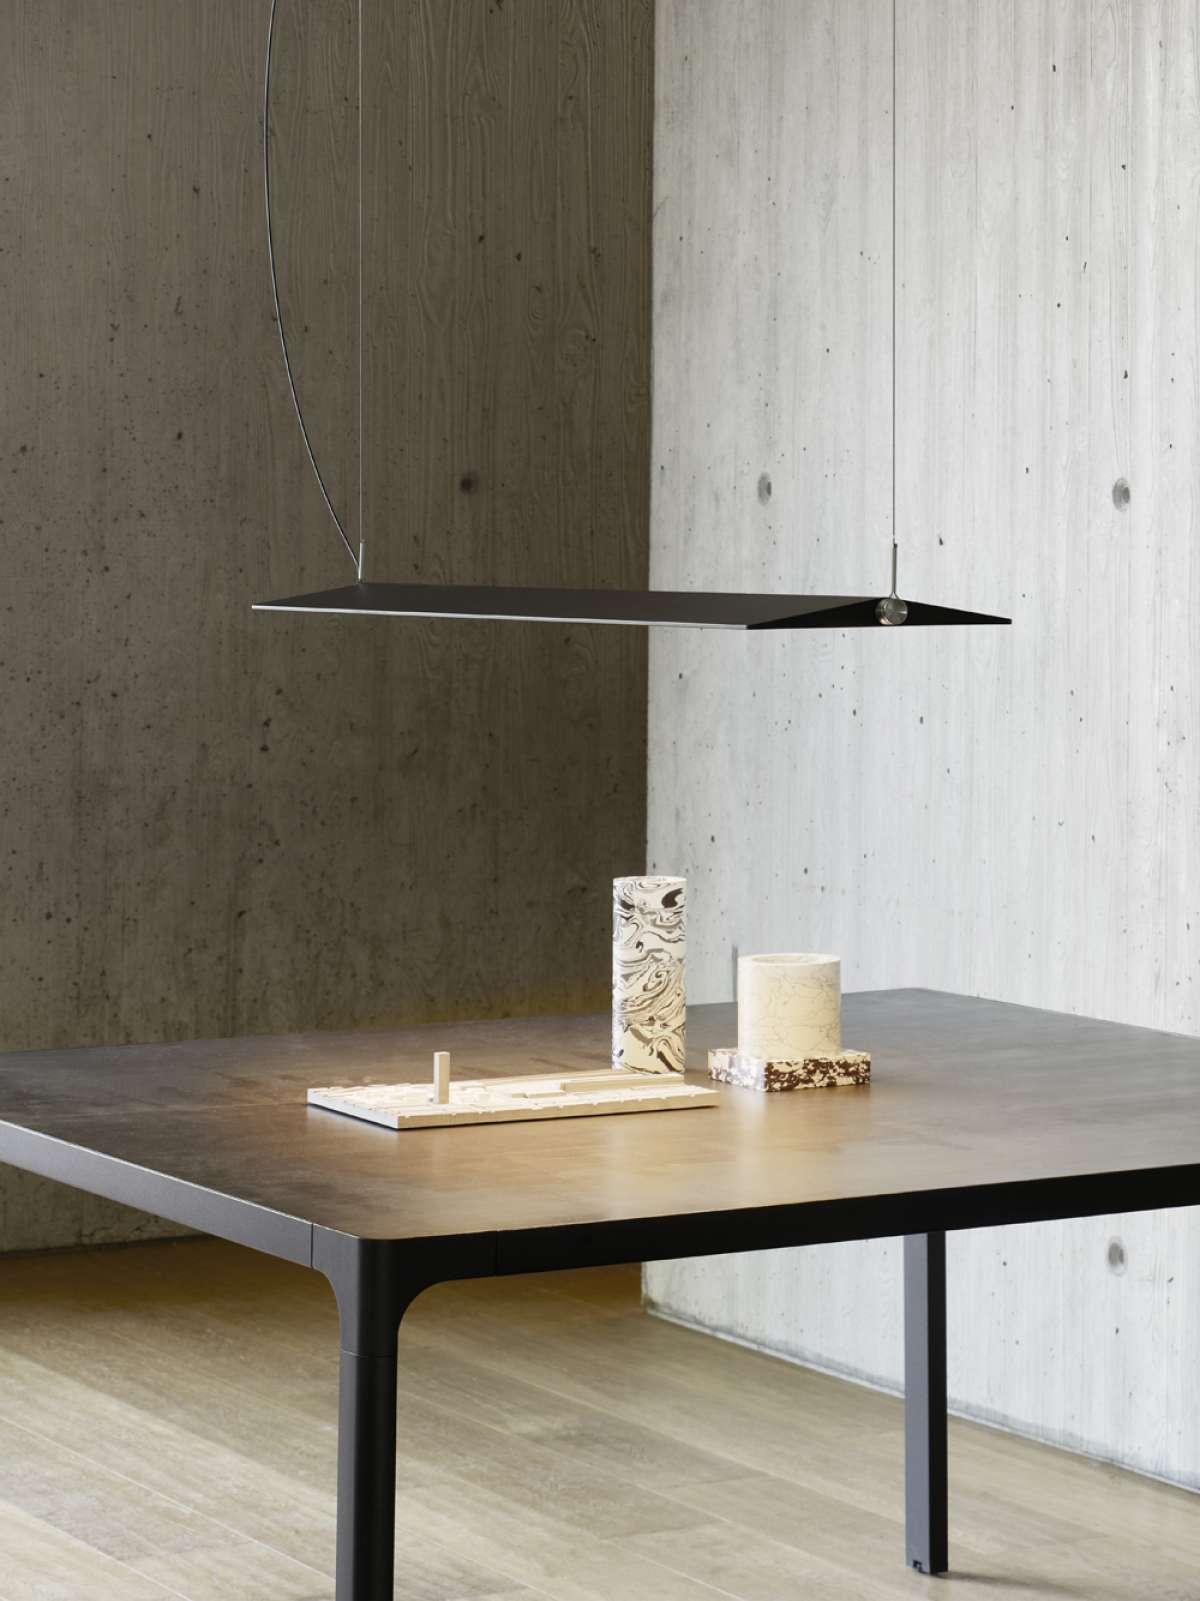 Rippvalgusti Fienile LED 52W 2260lm 3000K CRI90 hämardatav; alumiinium, tume-hall / opaalne hajuti